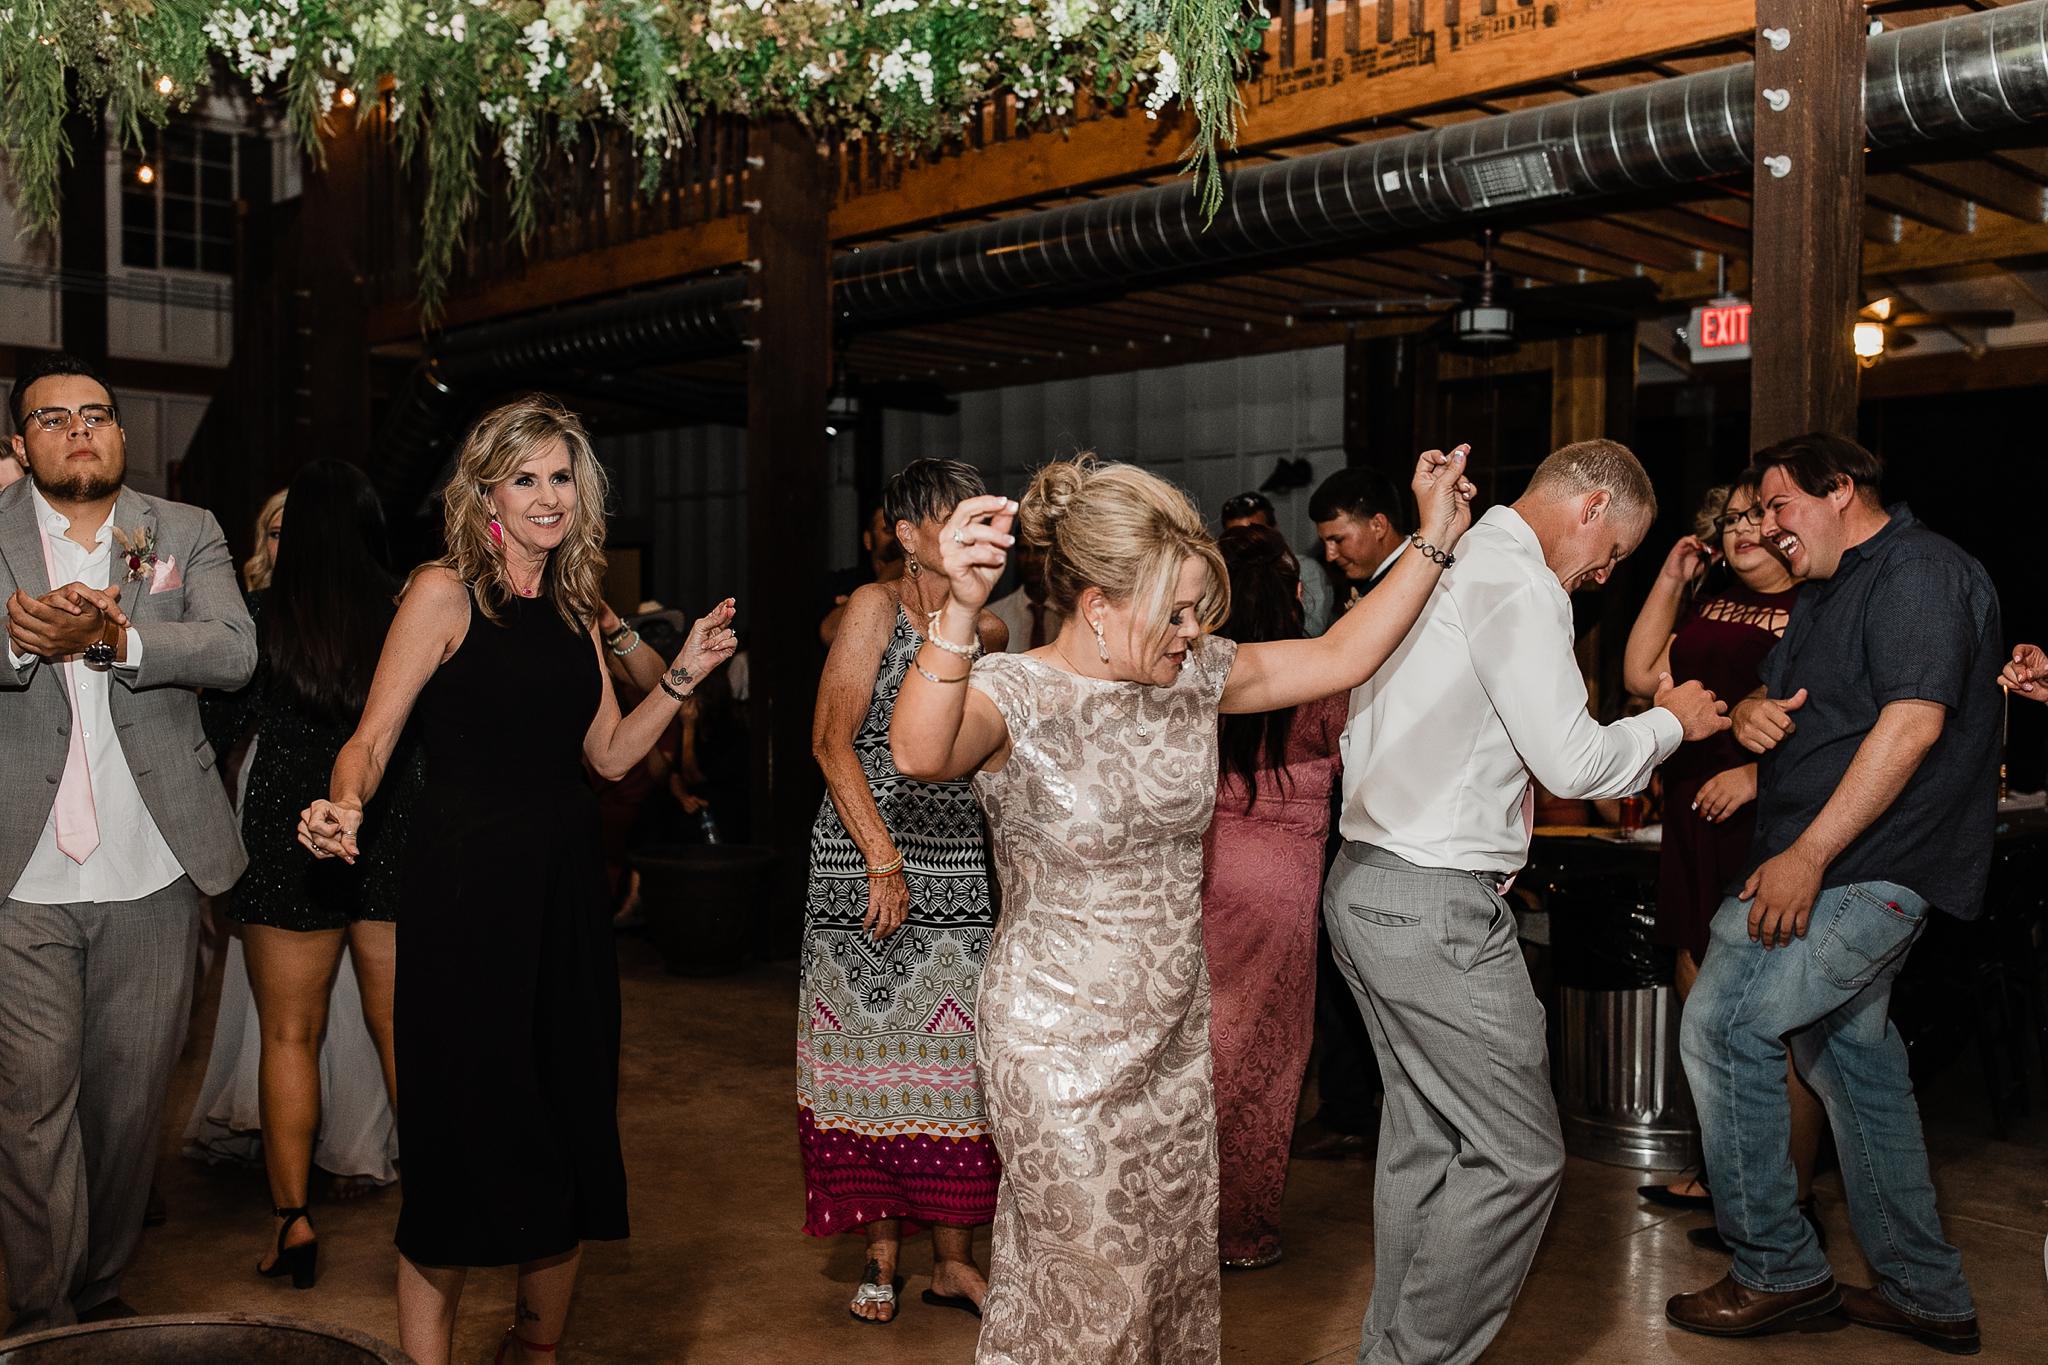 Alicia+lucia+photography+-+albuquerque+wedding+photographer+-+santa+fe+wedding+photography+-+new+mexico+wedding+photographer+-+new+mexico+wedding+-+new+mexico+wedding+-+barn+wedding+-+enchanted+vine+barn+wedding+-+ruidoso+wedding_0173.jpg